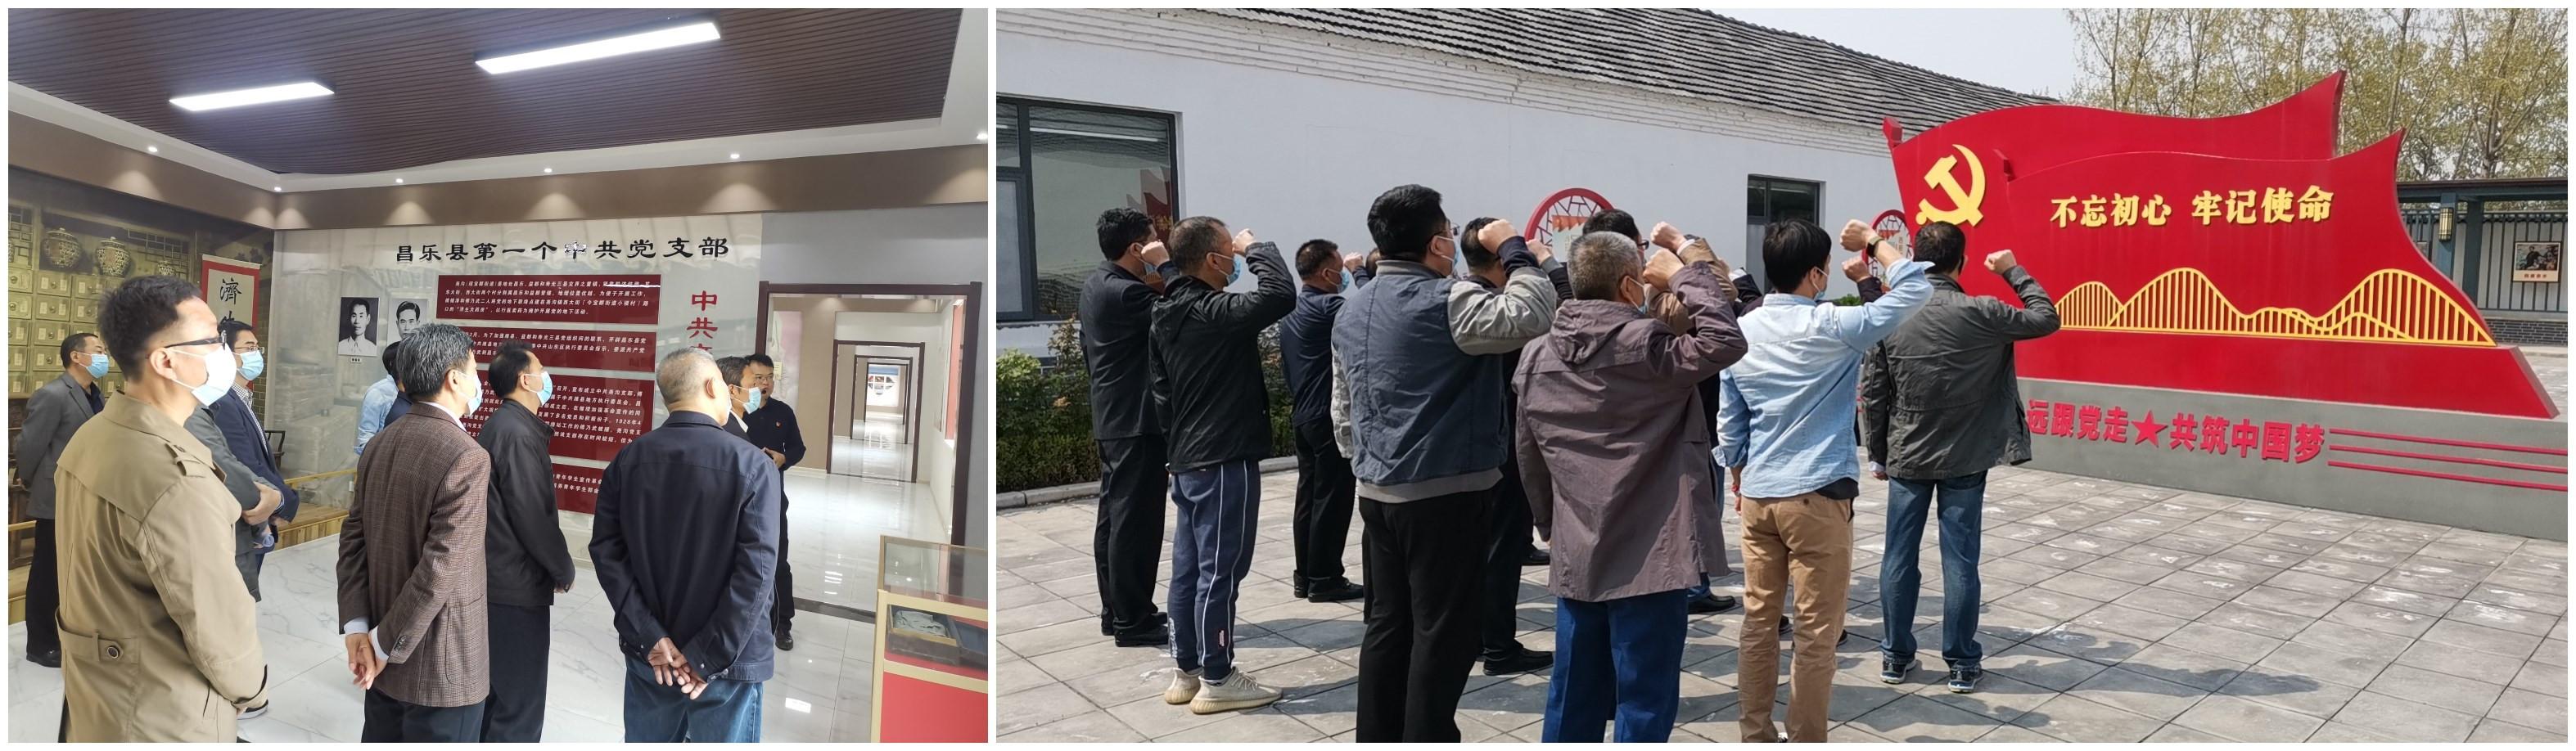 图为宝都小队组织队员、村干部参观昌乐县党性传承中心,重温入党誓词